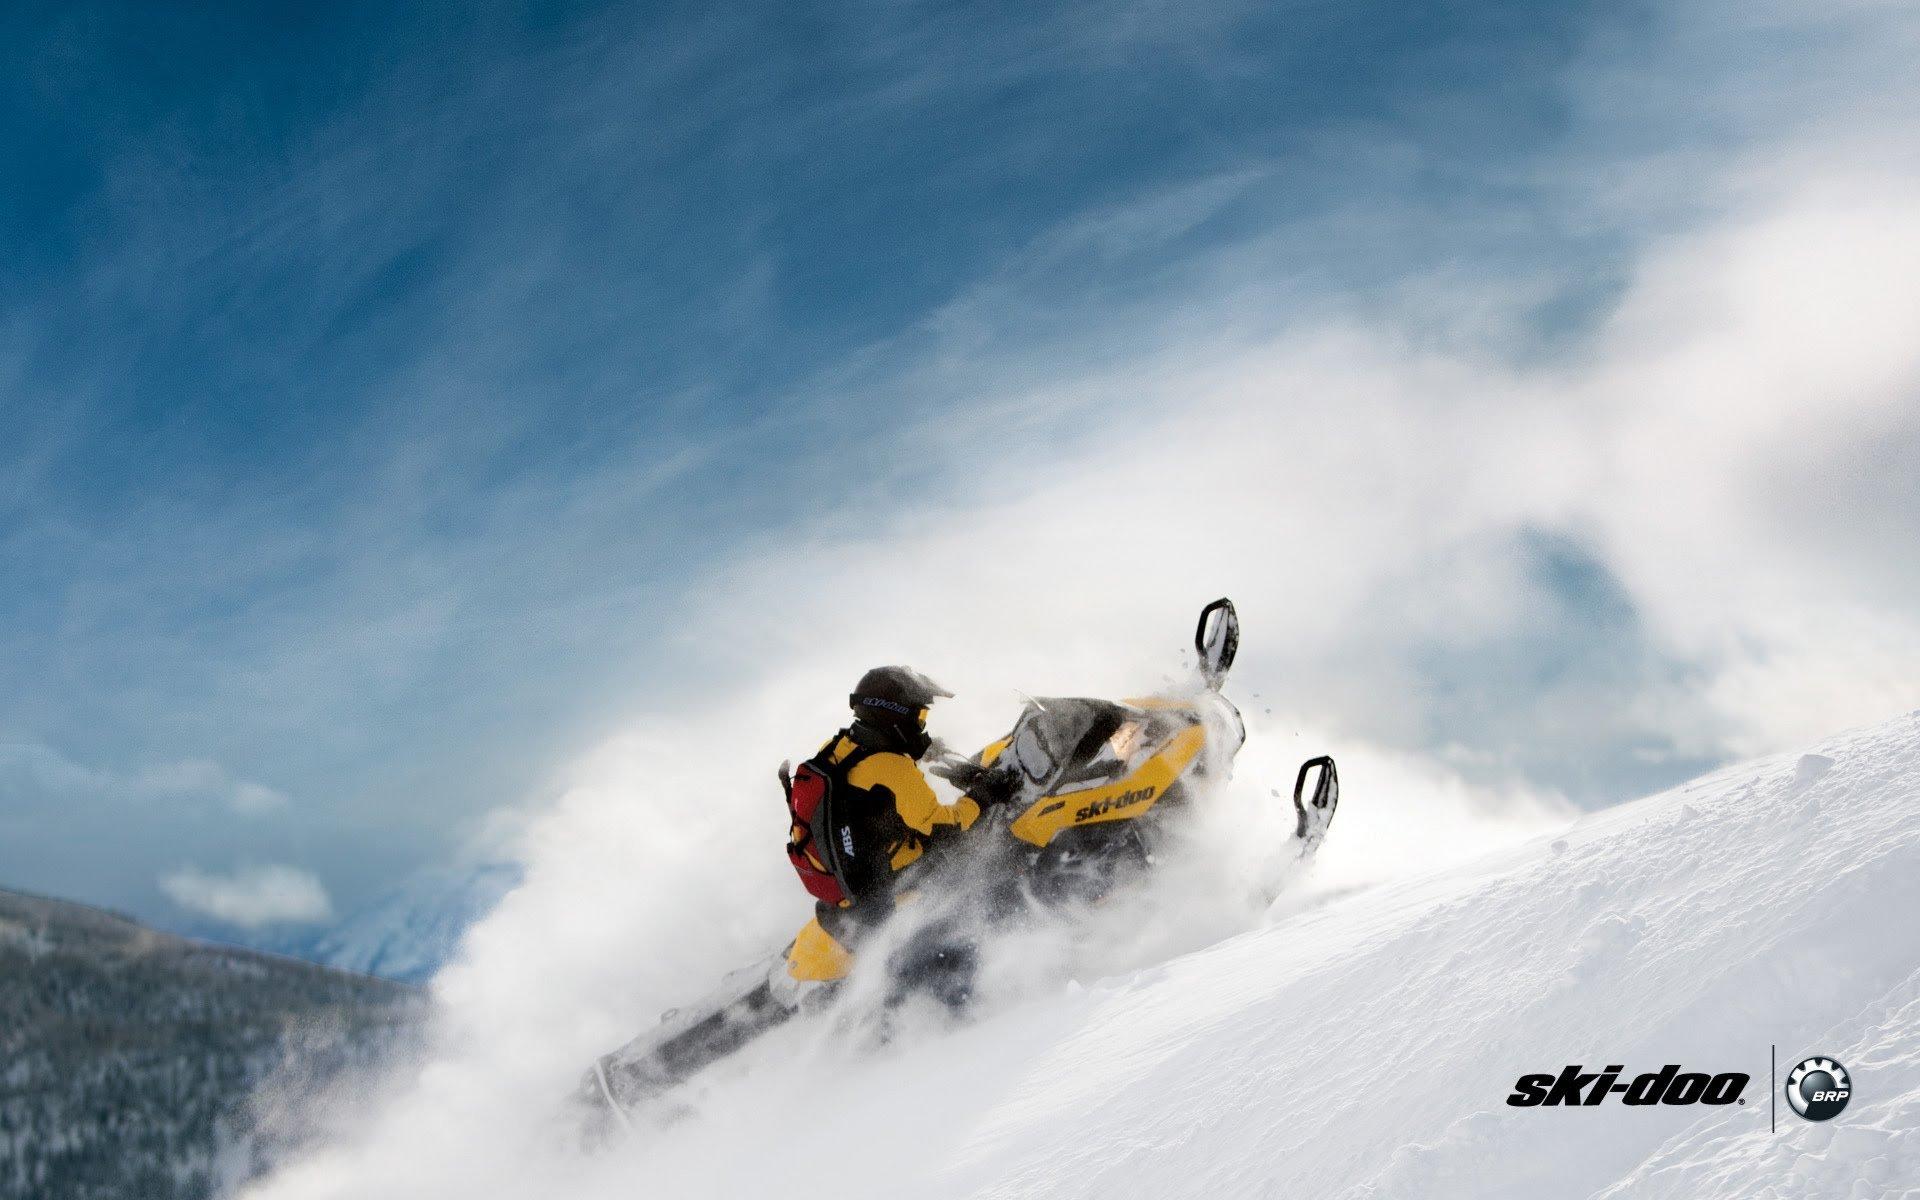 SKI DOO snowmobile sled ski doo winter snow extreme 2349702 1920x1200